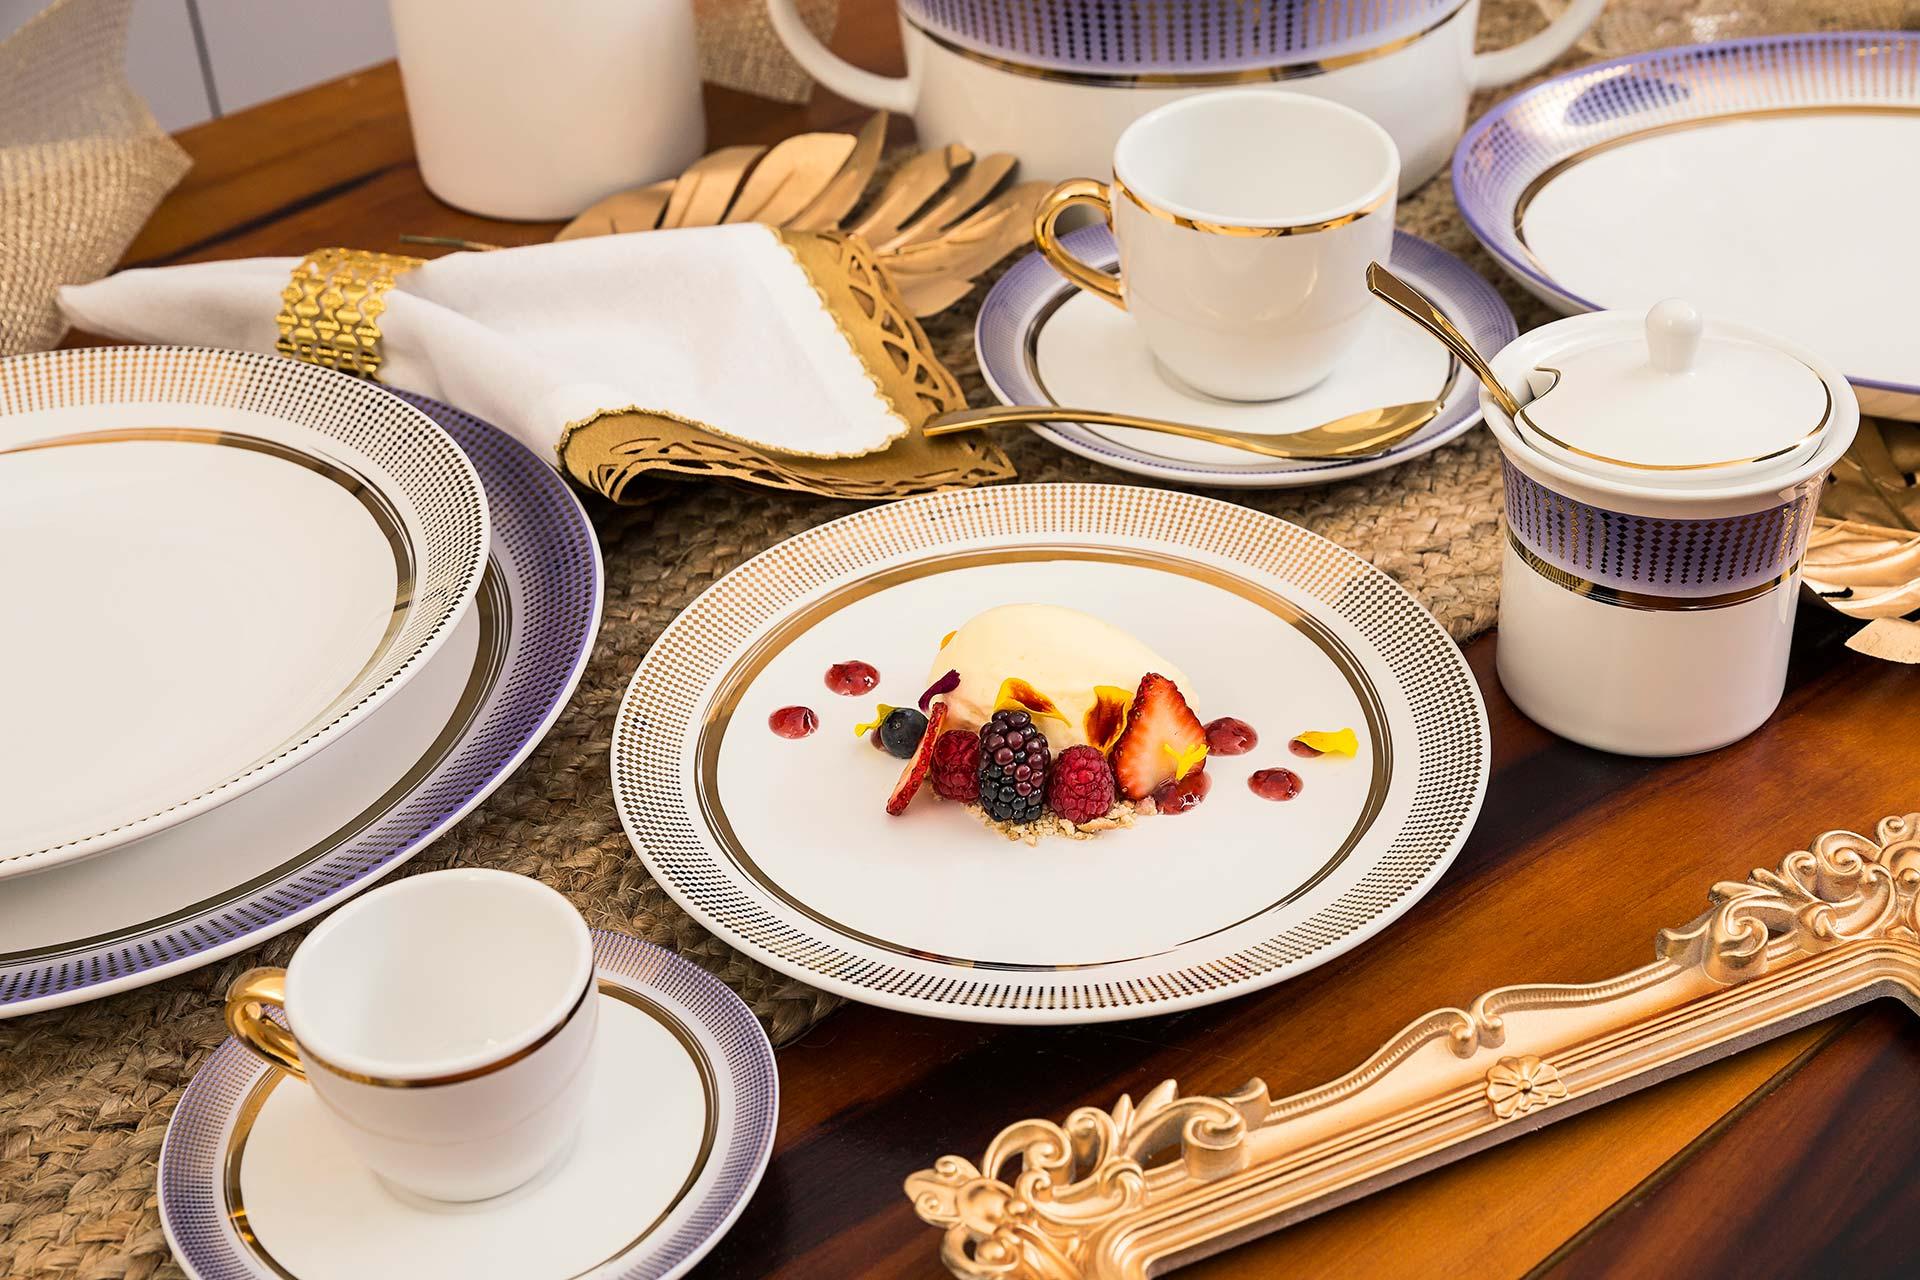 Imagem: A coleção Coup Glam vai levar muita elegância para a mesa. Inspirada na tendência da expressão criativa, que valoriza características da pintura manual, a decoração também traz uma padronagem geométrica. A cor é uma das apostas para o ano.